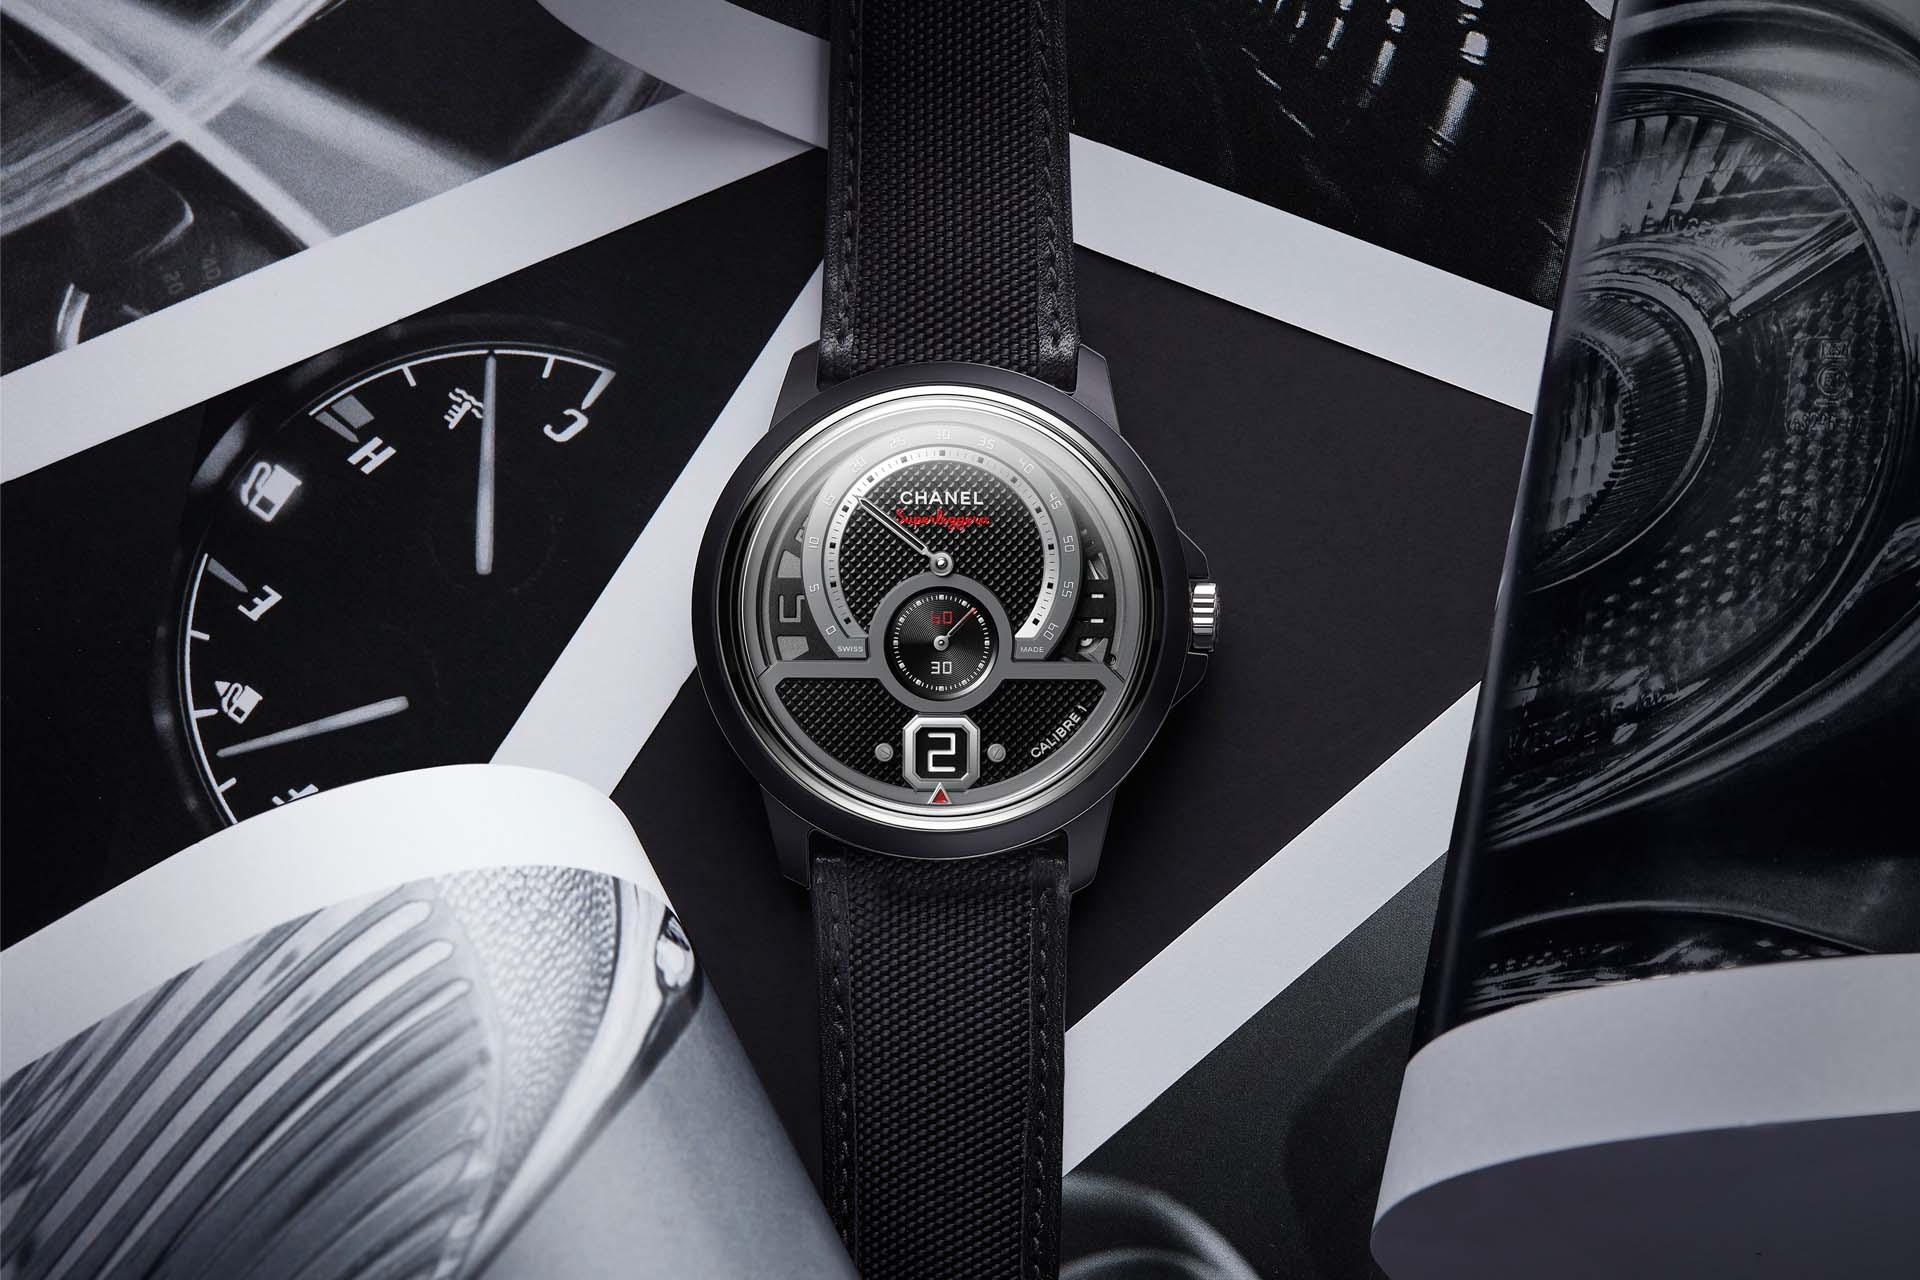 一枚機芯 多重風格:CHANEL全新Monsieur Superleggera腕錶